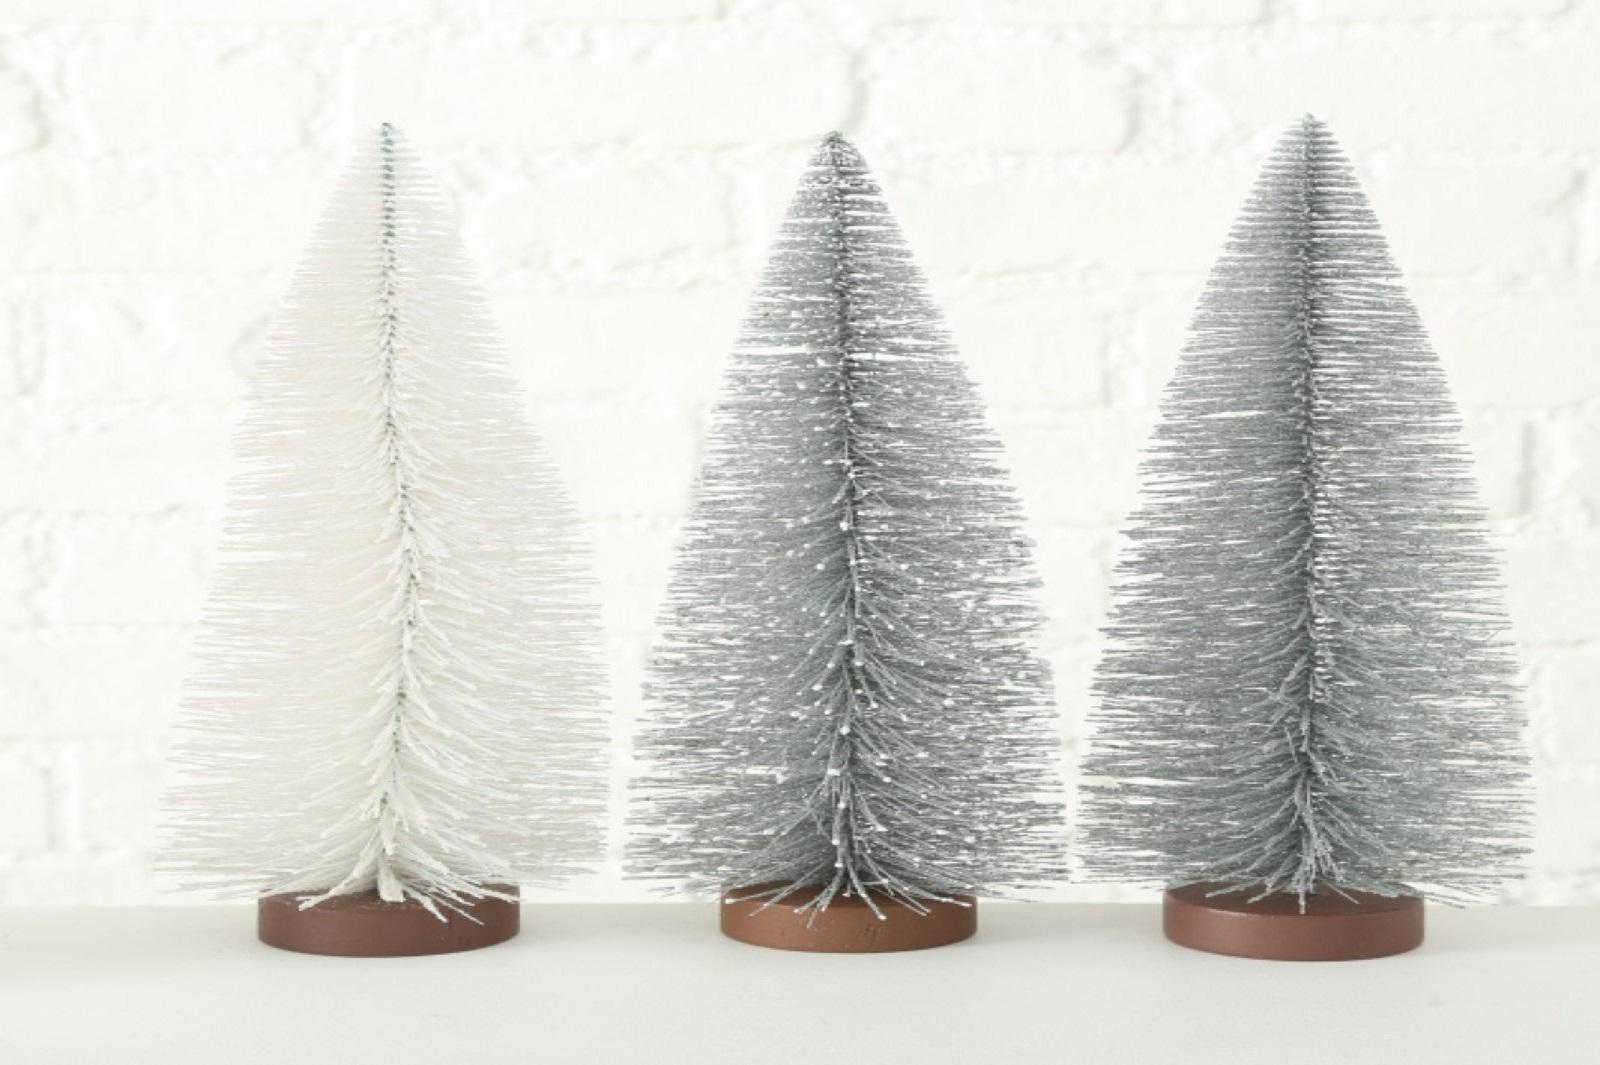 Baum Deko Weihnachten Kunststoff silber H 32 cm 3er Set